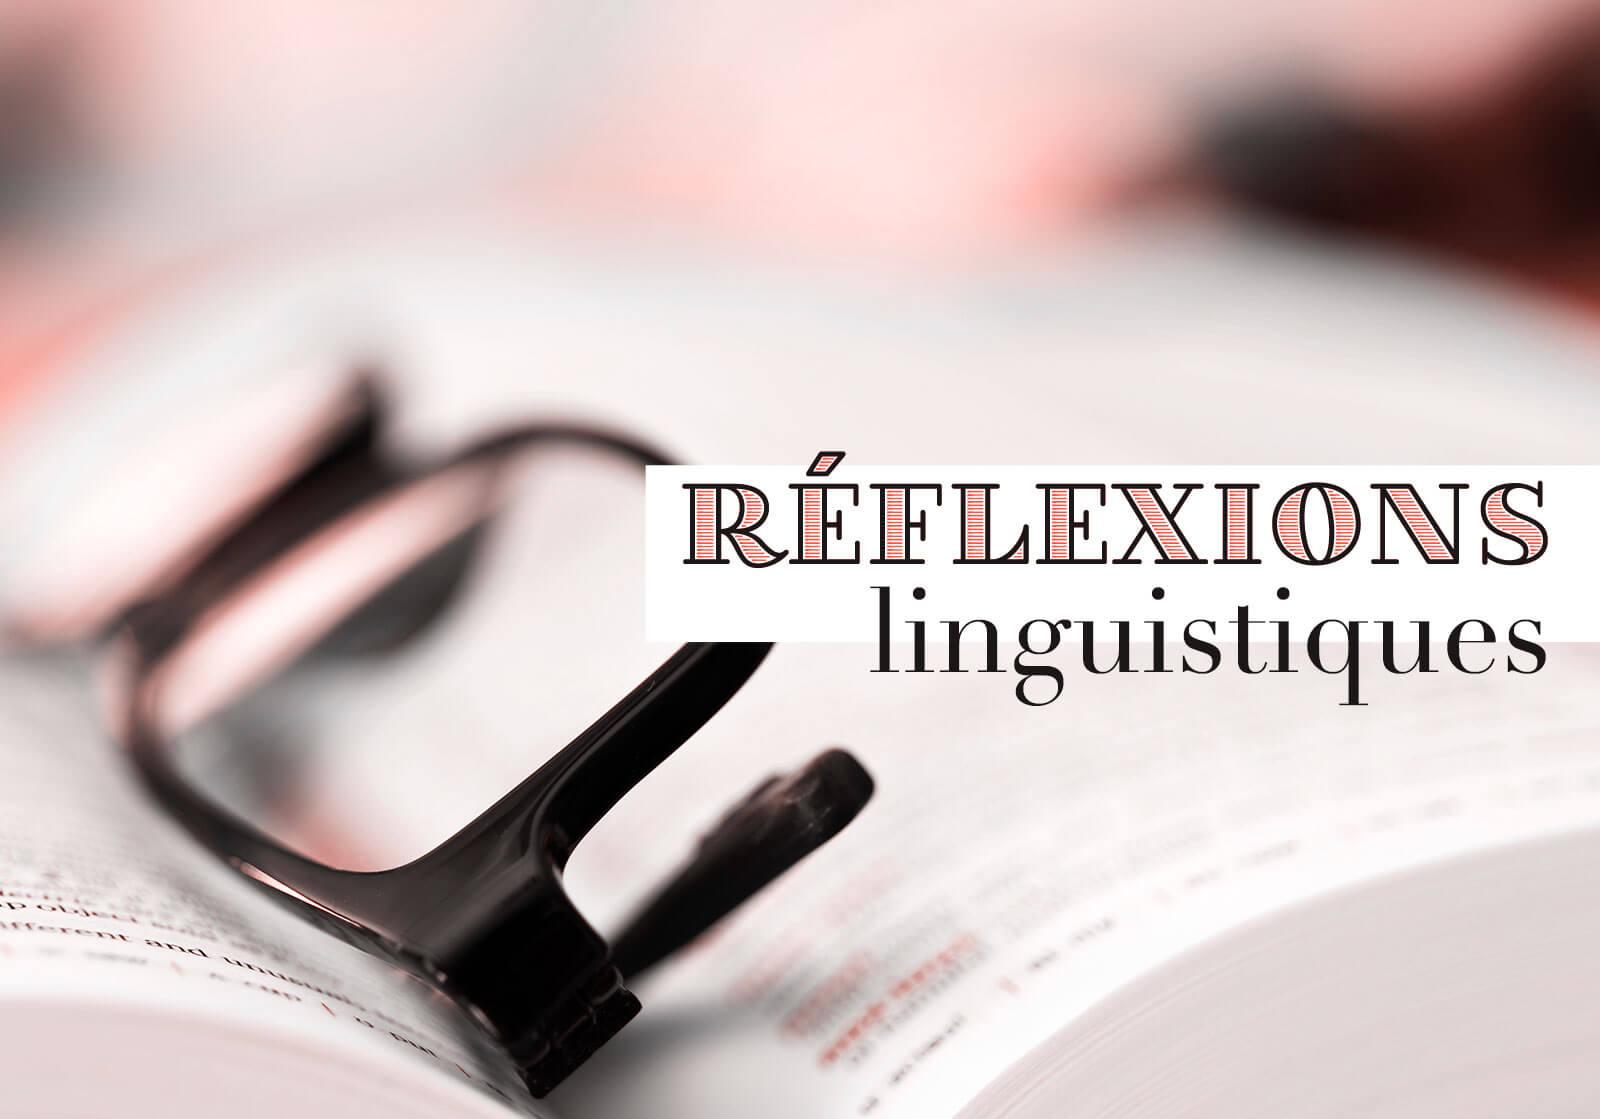 L'exonyme